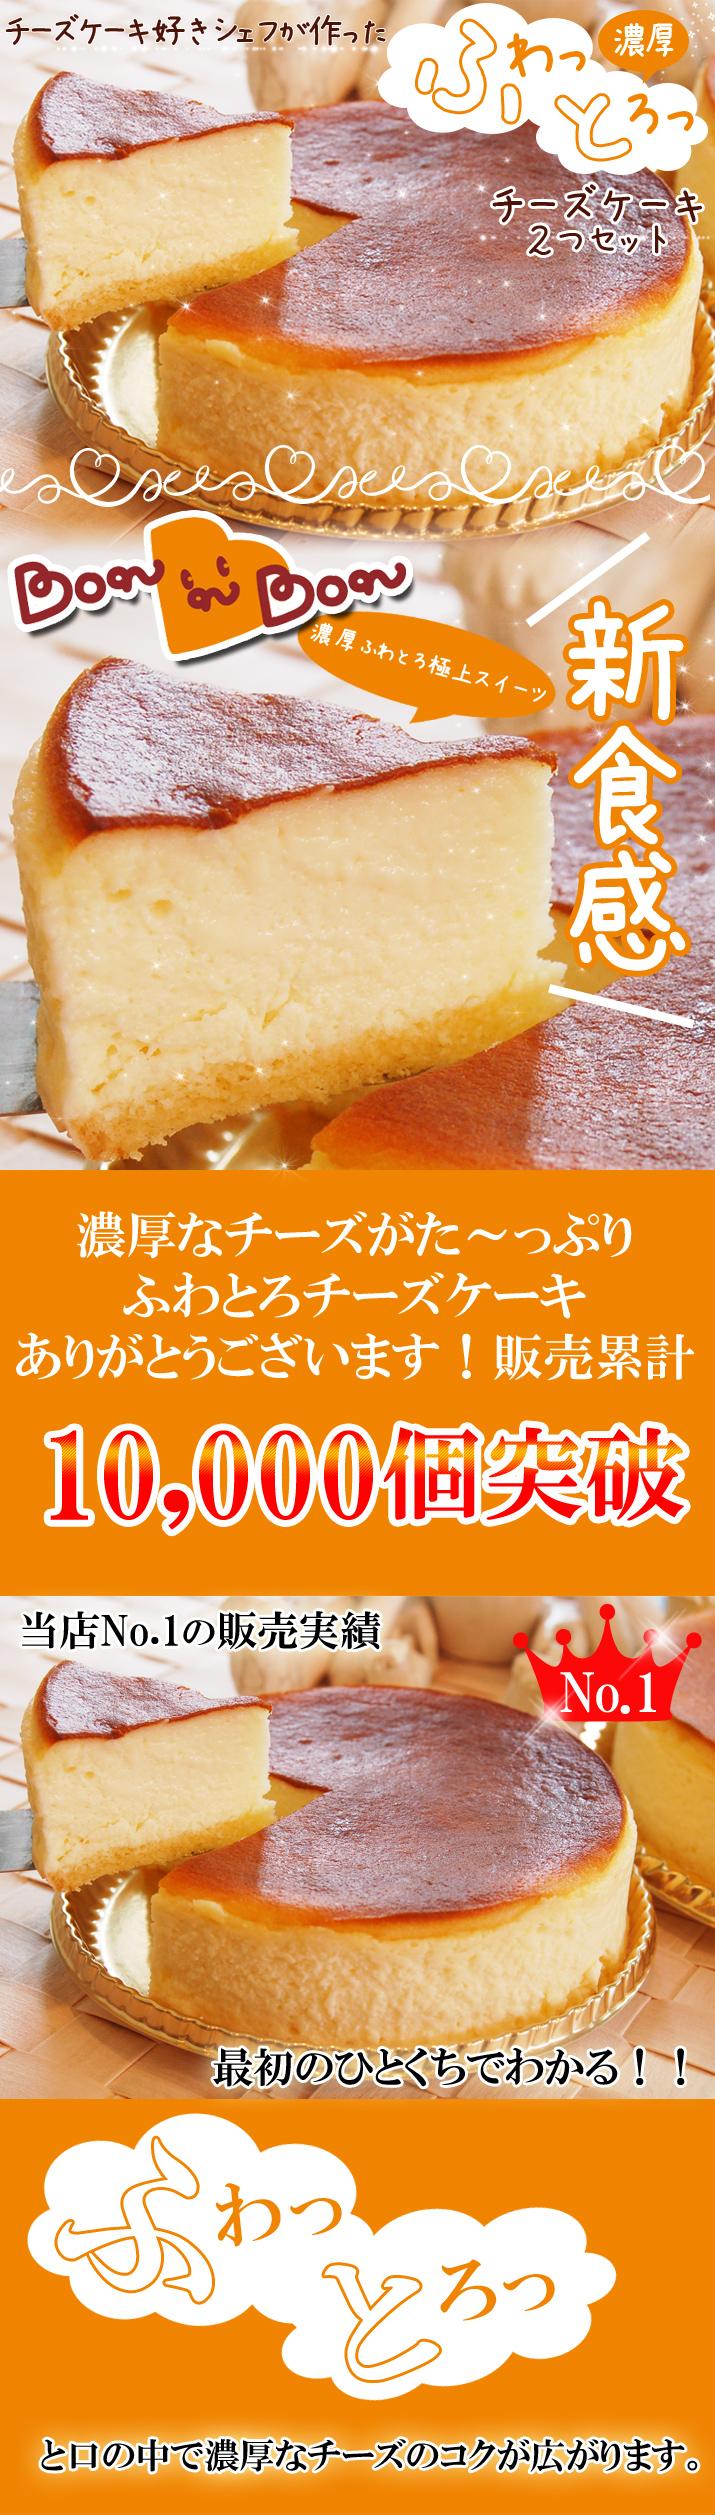 ふわっとろっ濃厚チーズケーキ4号